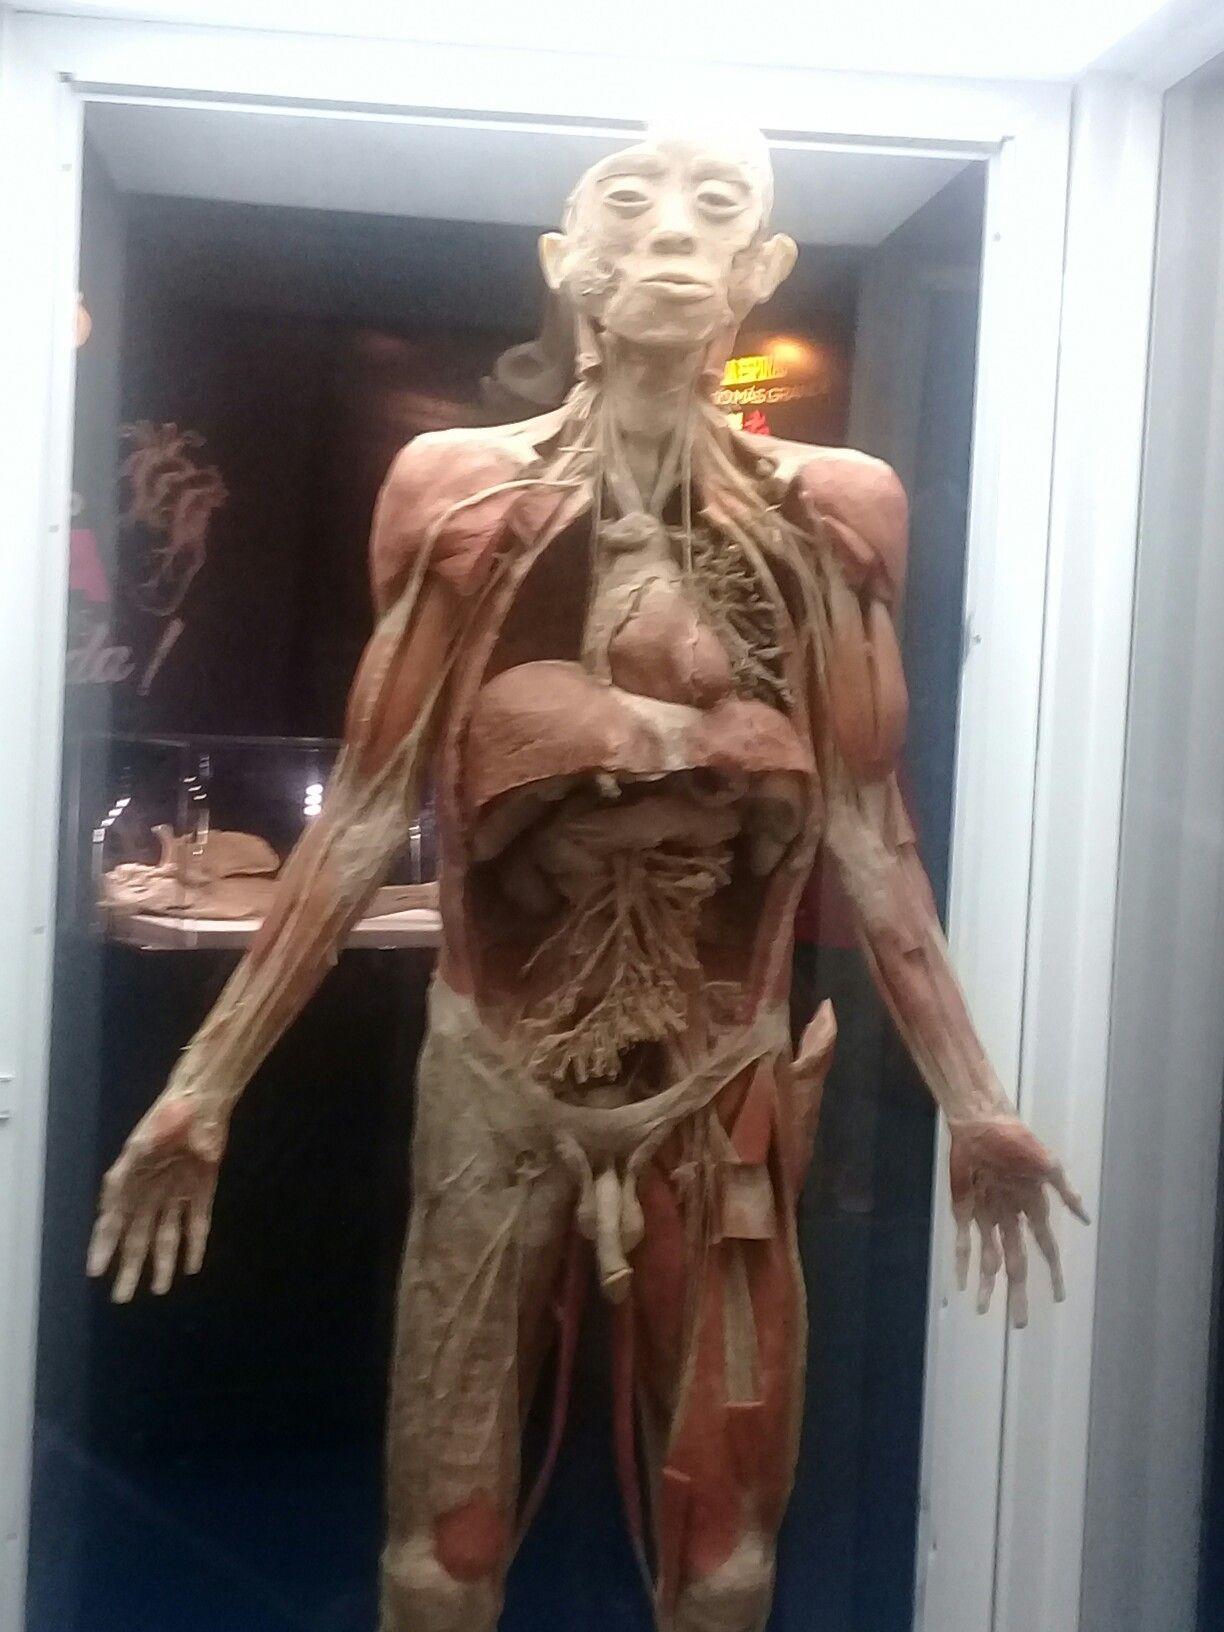 Interior Cuerpo Humano | El Cuerpo Humano | Pinterest | Cuerpo ...